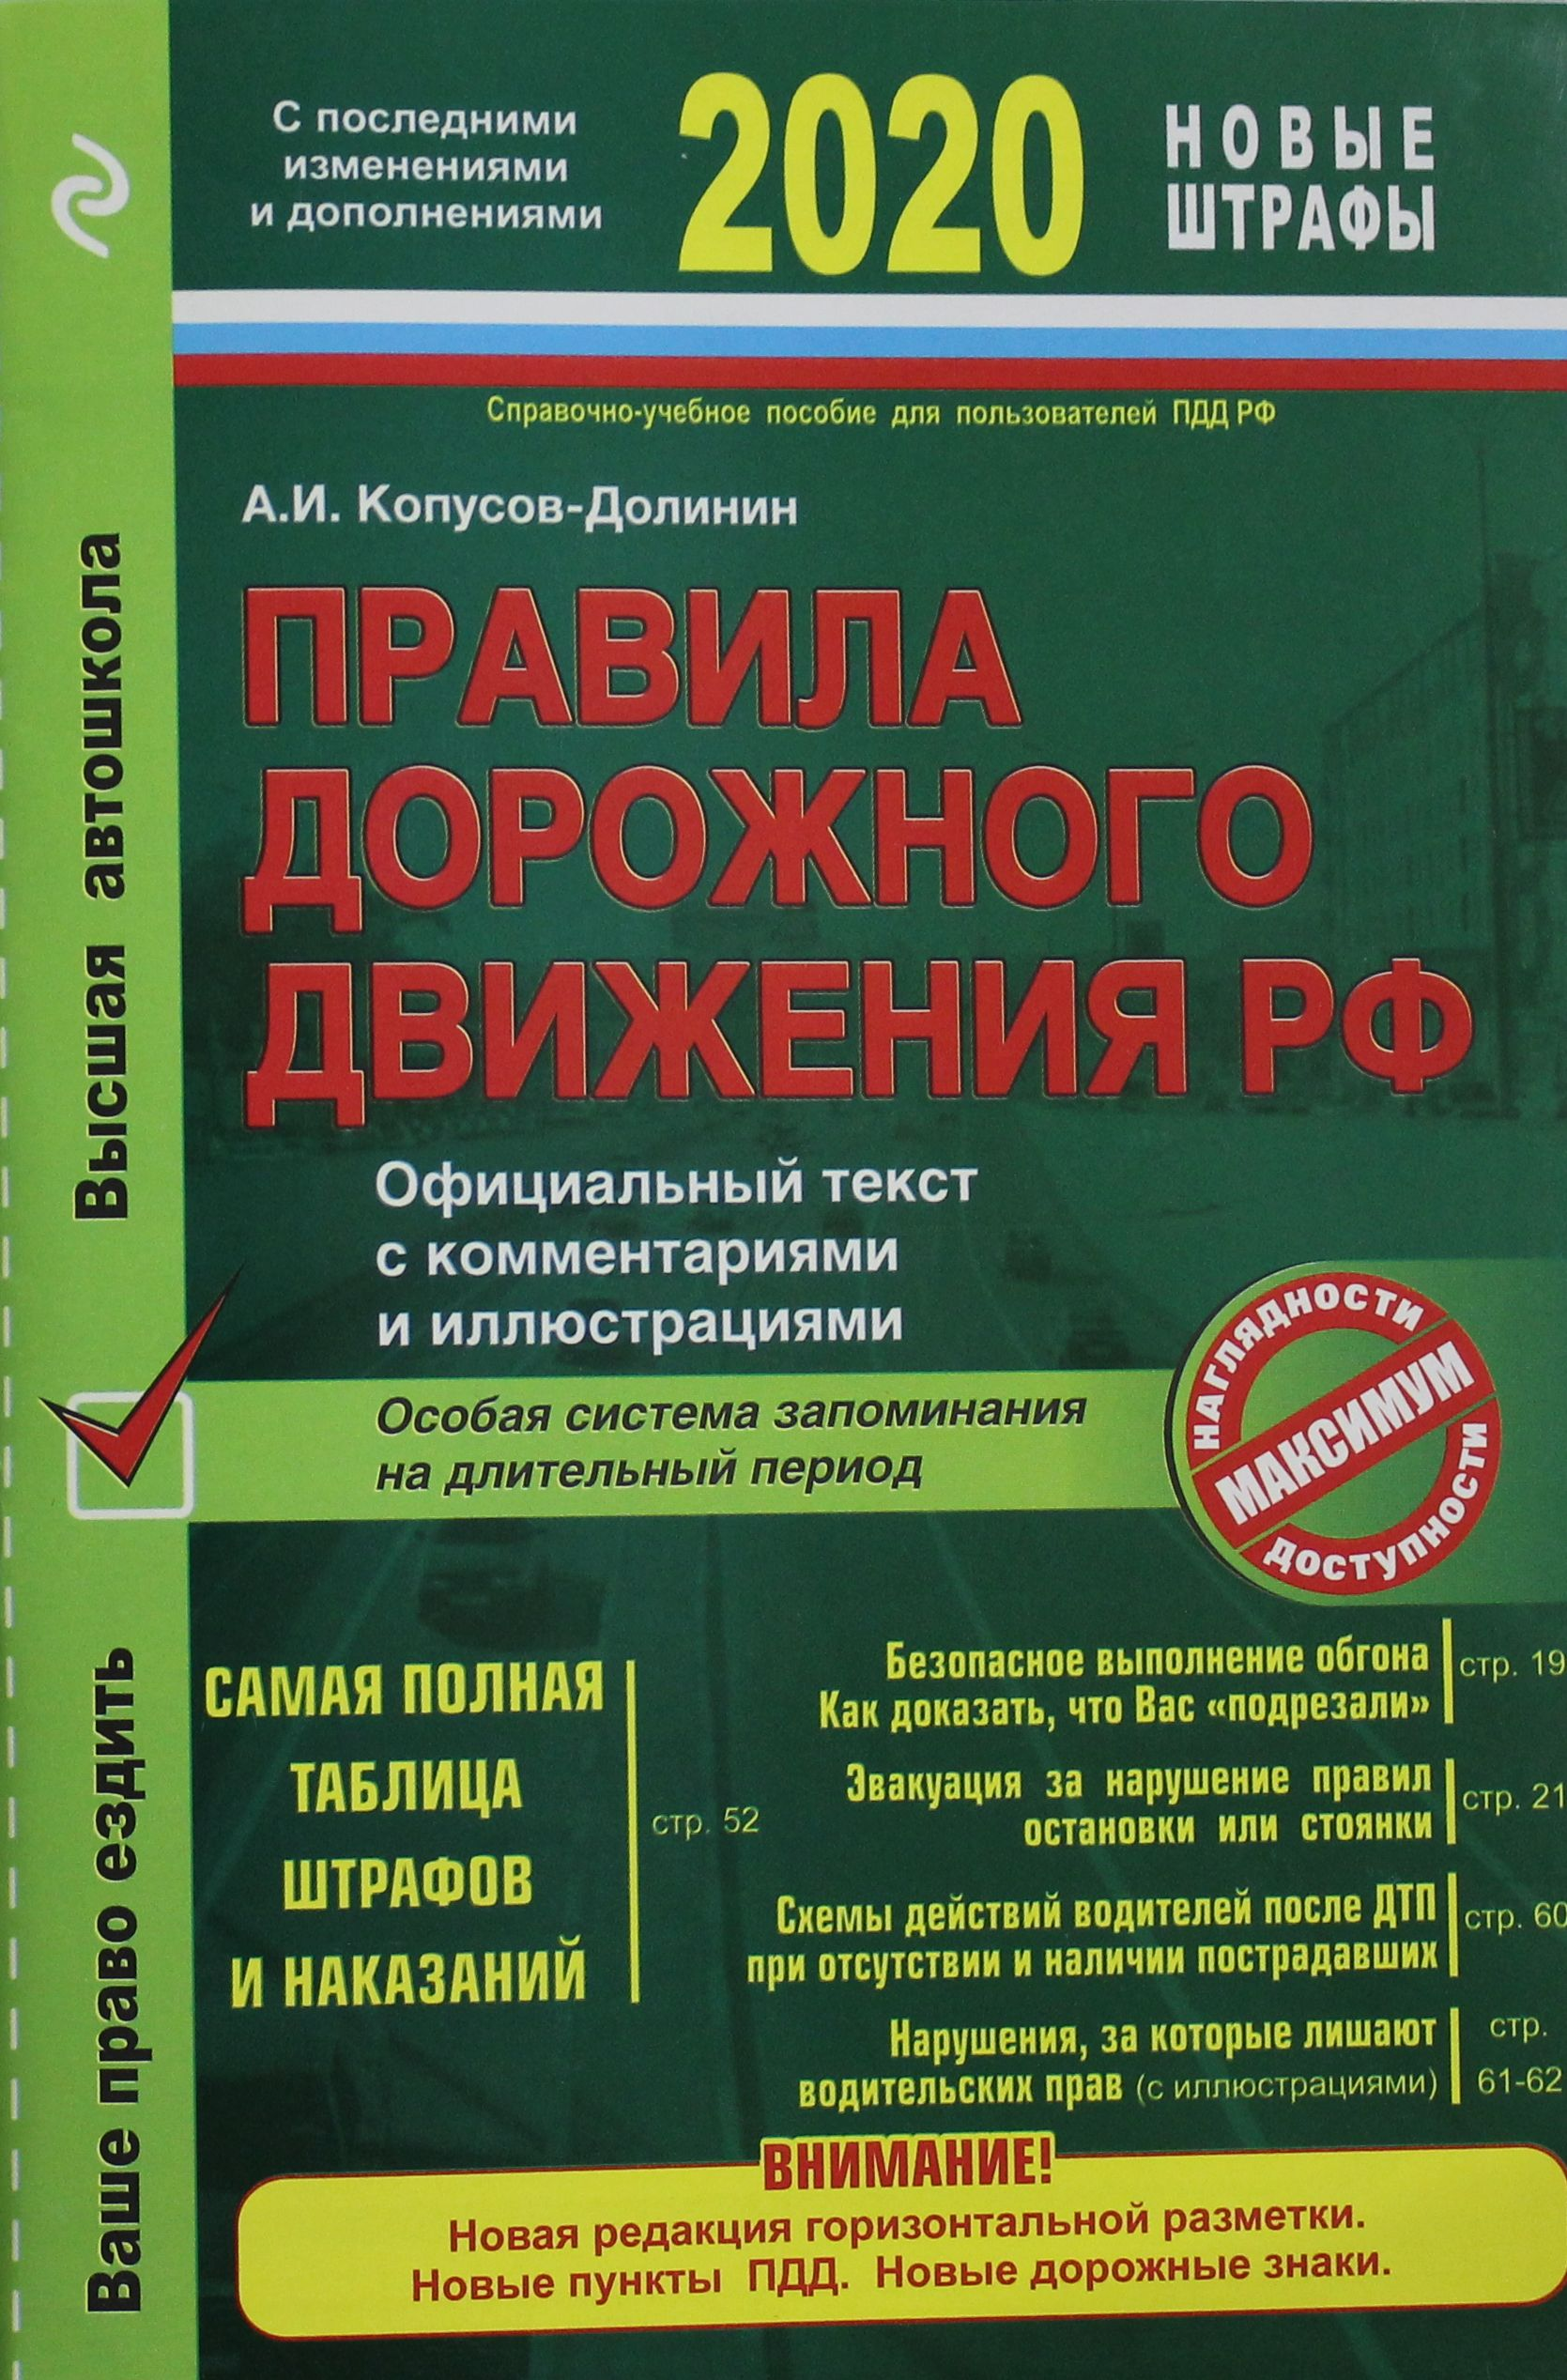 Pravila dorozhnogo dvizhenija RF s izm. 2020 g. Ofitsialnyj tekst s kommentarijami i illjustratsijami